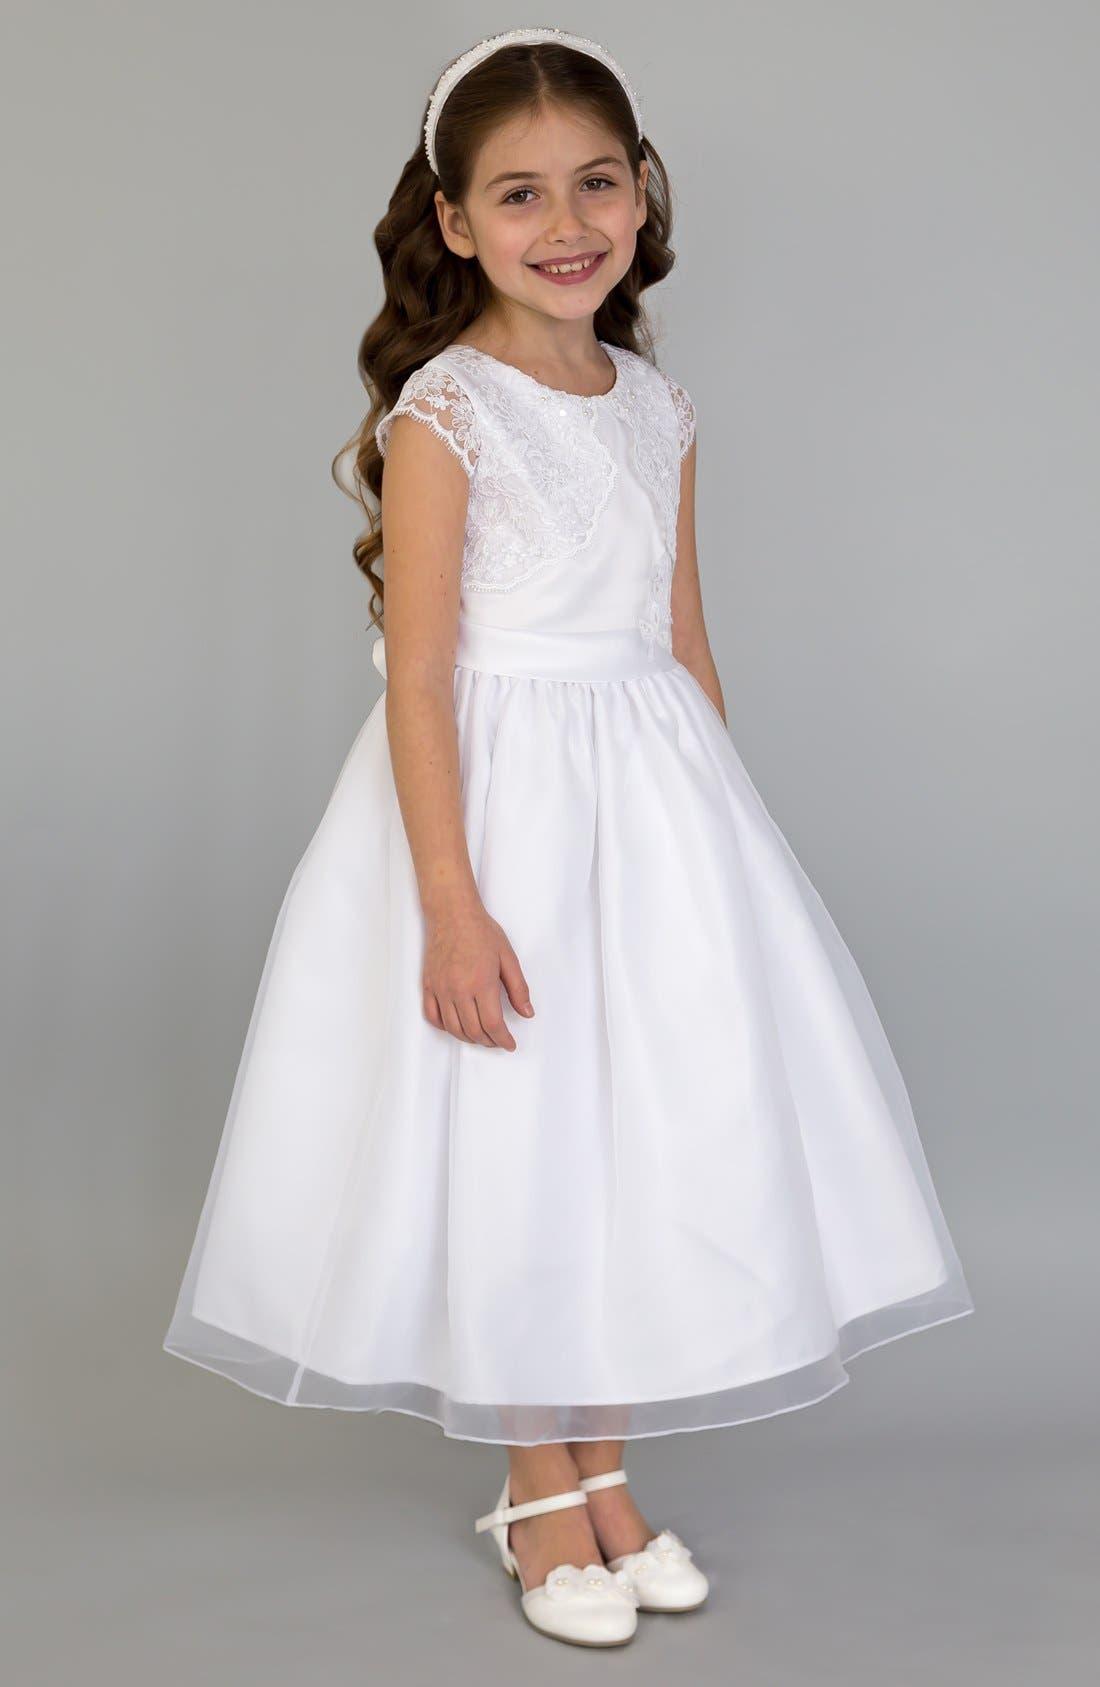 Formal Girls Dress